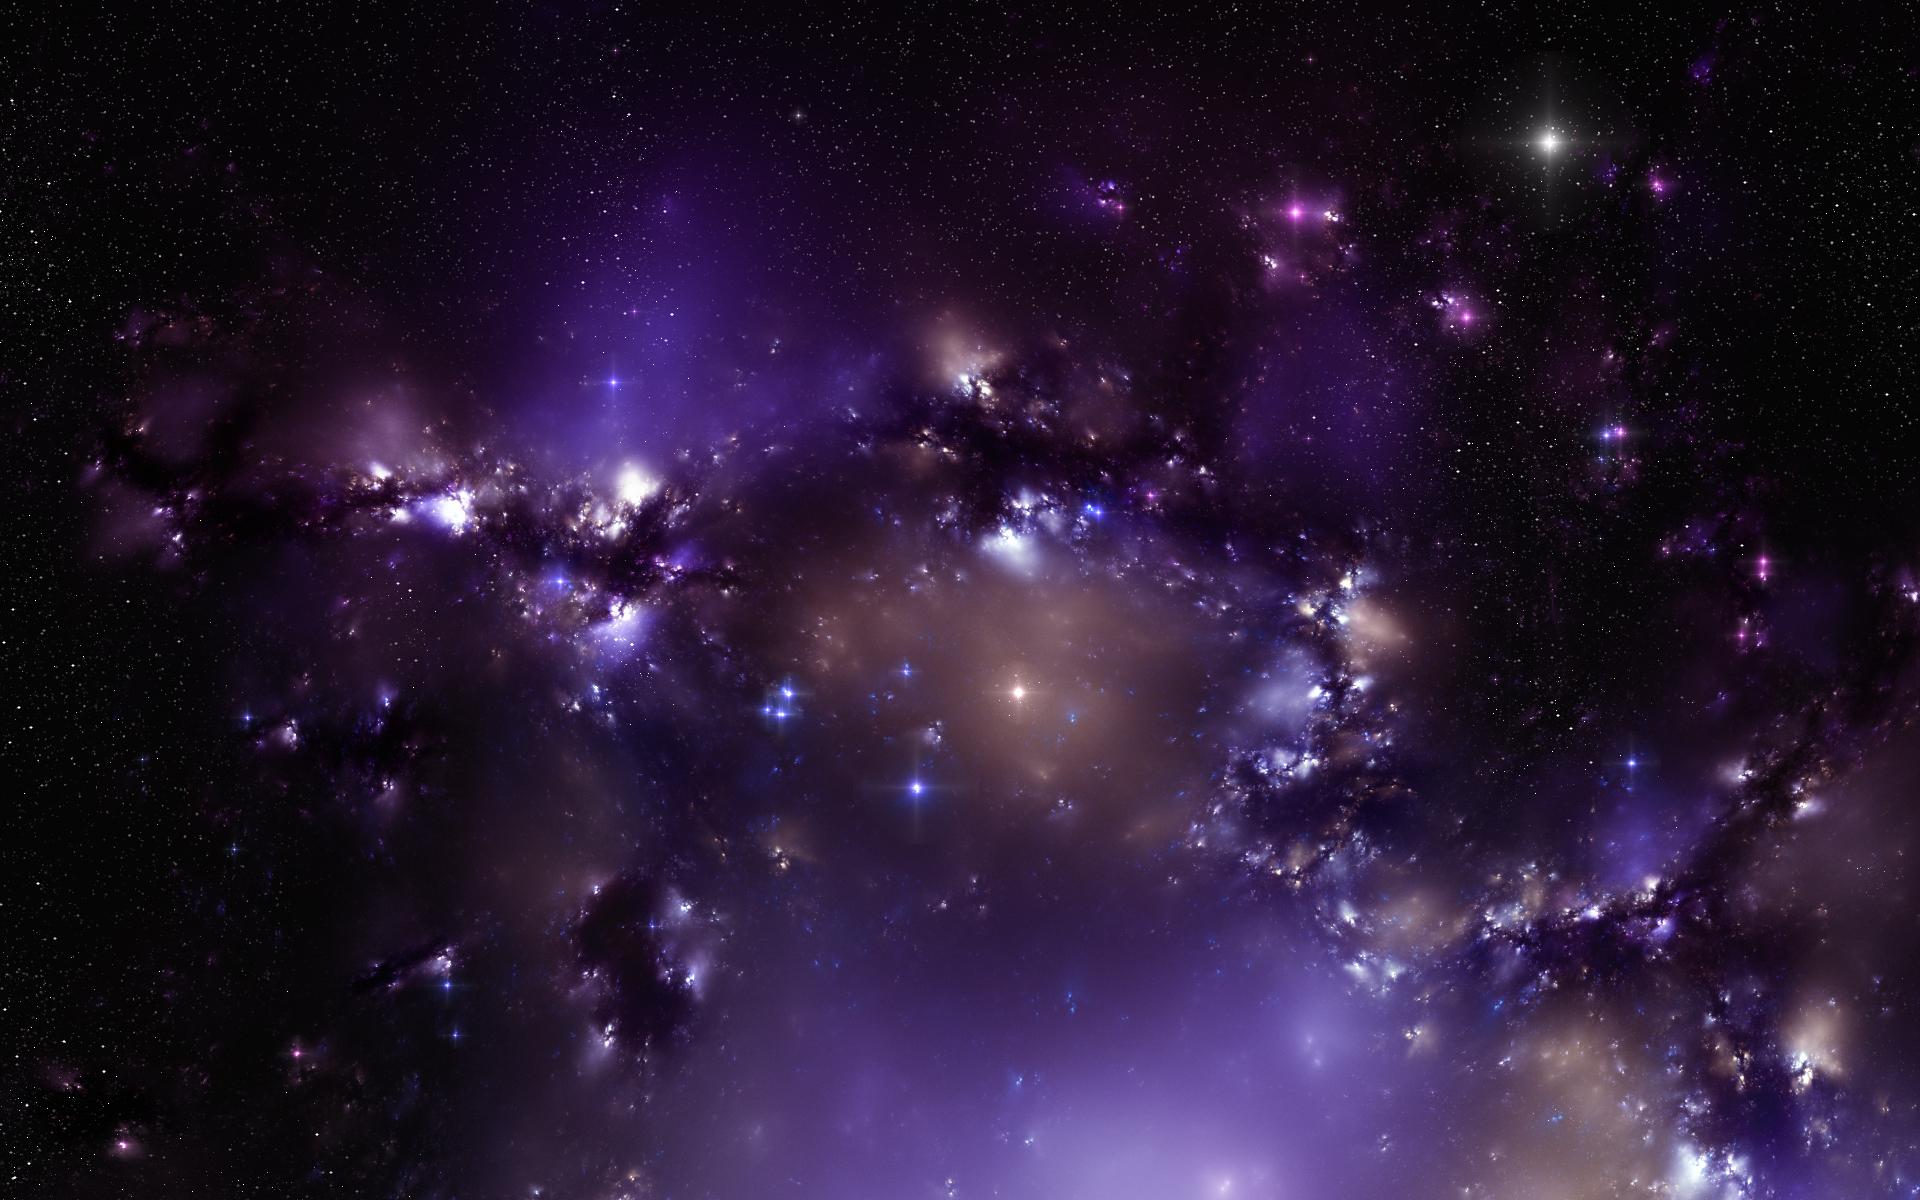 Nebula wallpaper   43531 1920x1200